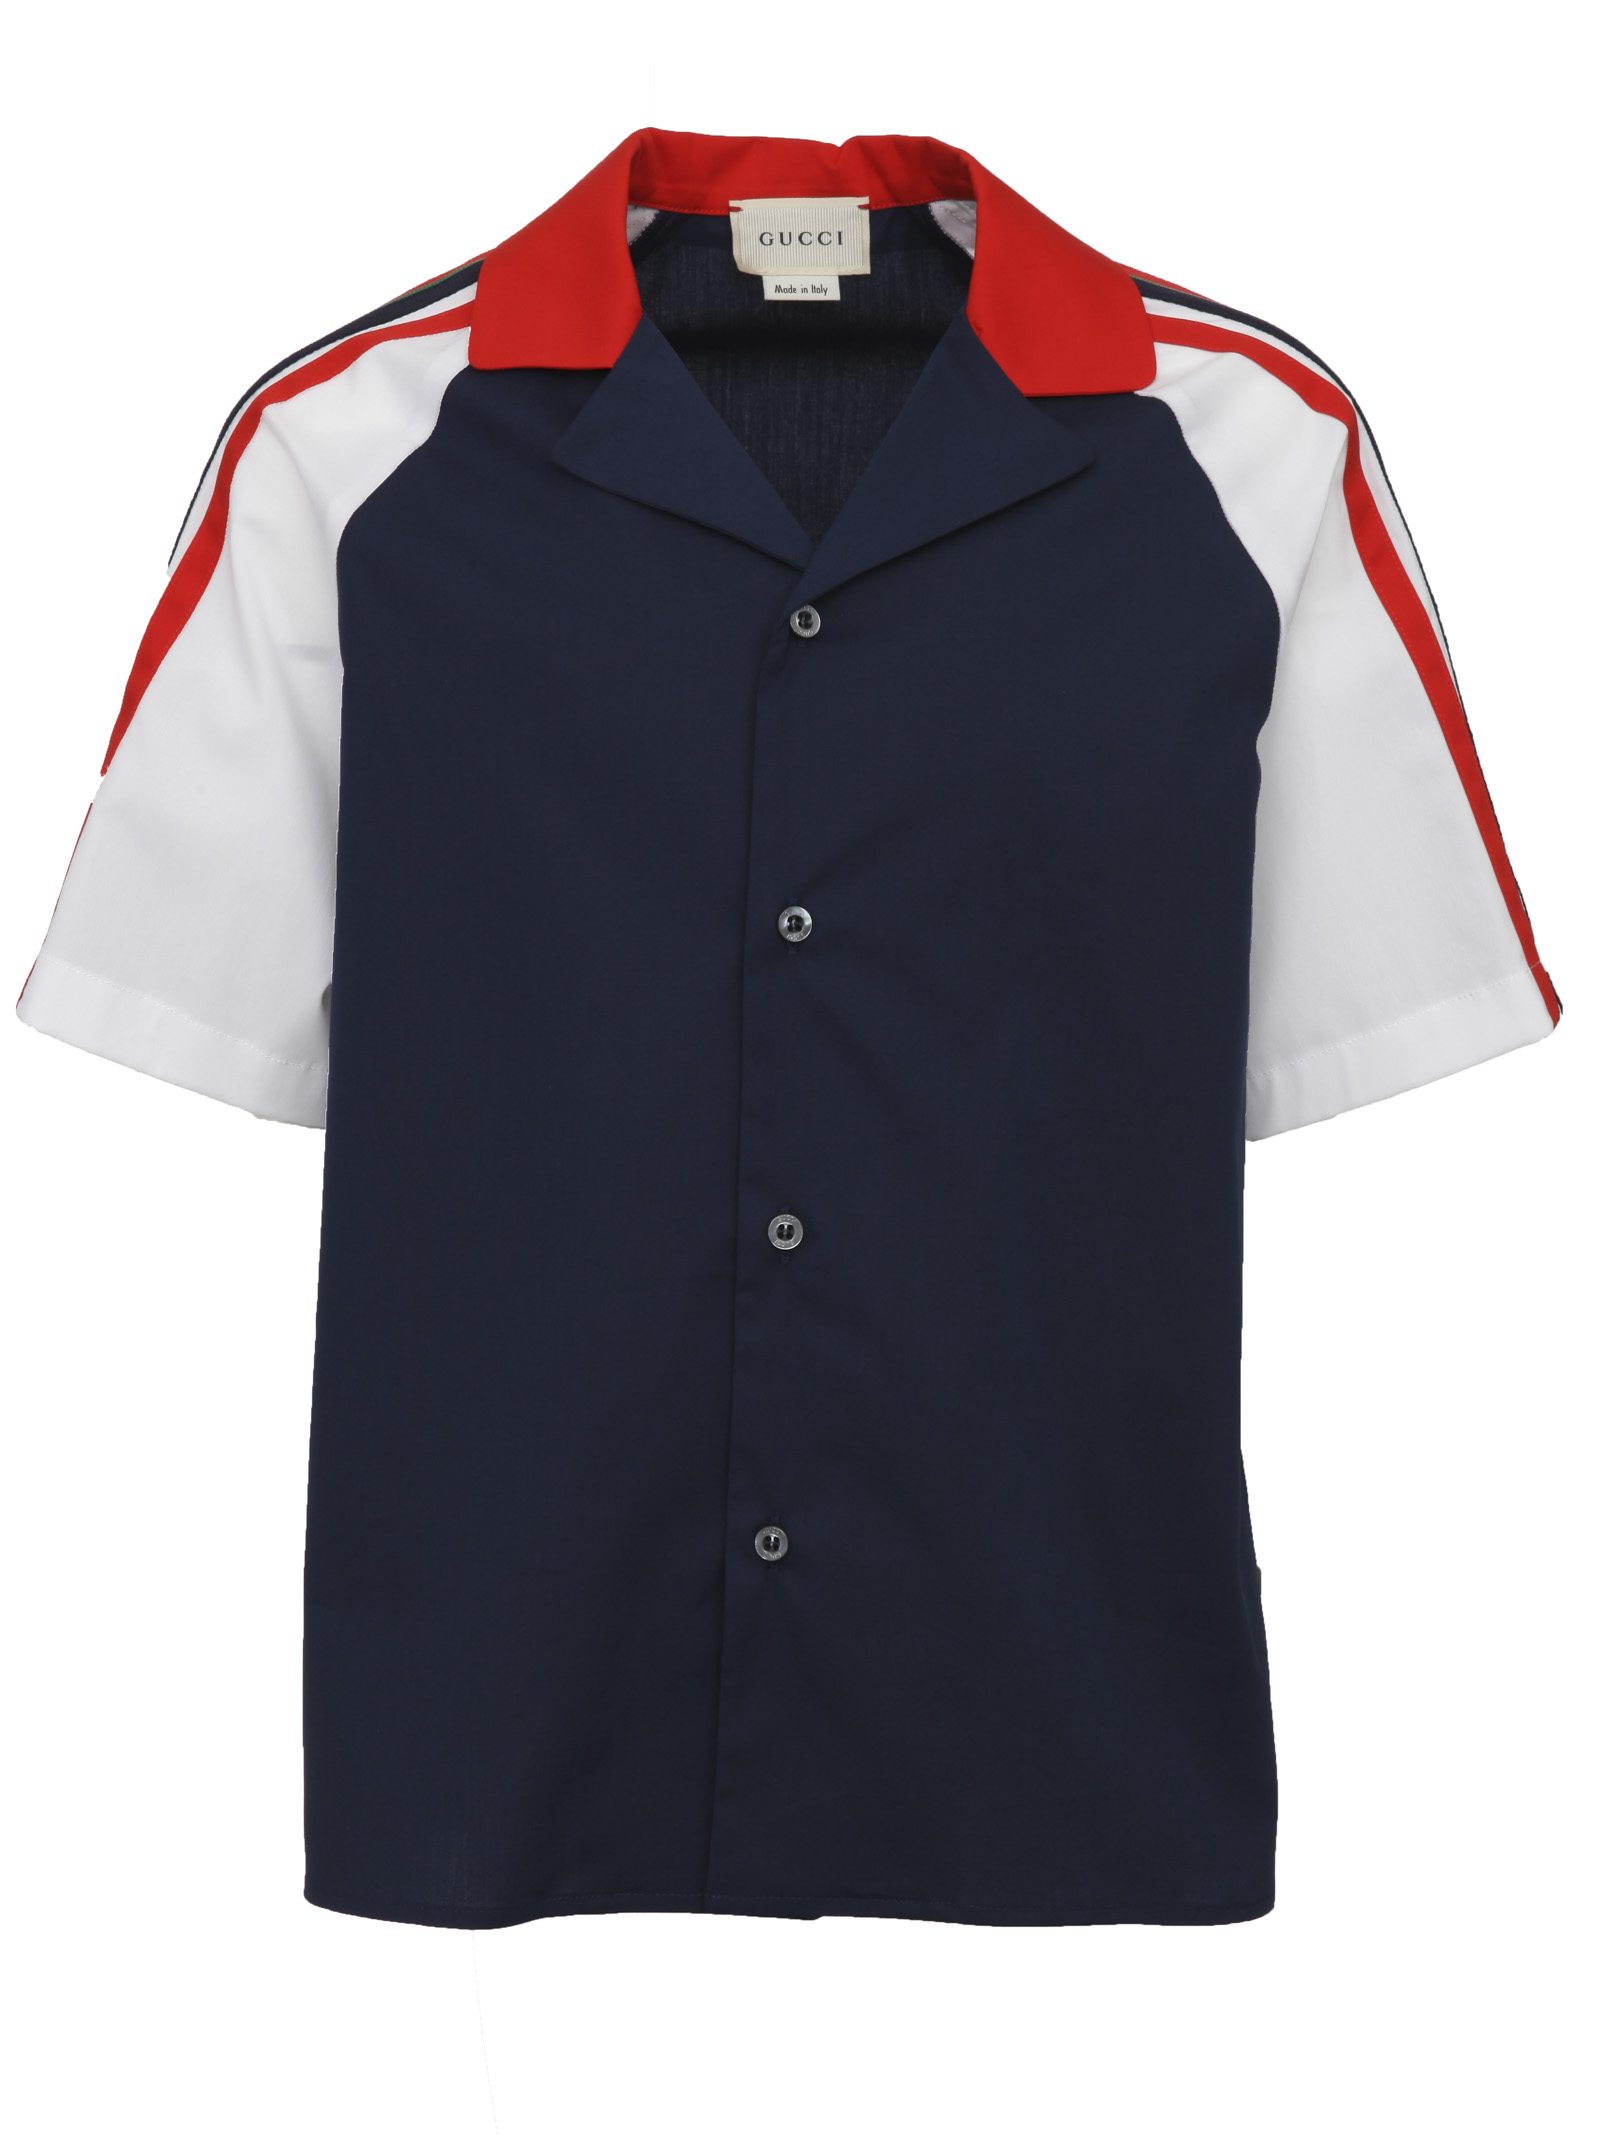 3efc034a Gucci Junior shirt - Gucci Junior - Michele Franzese Moda